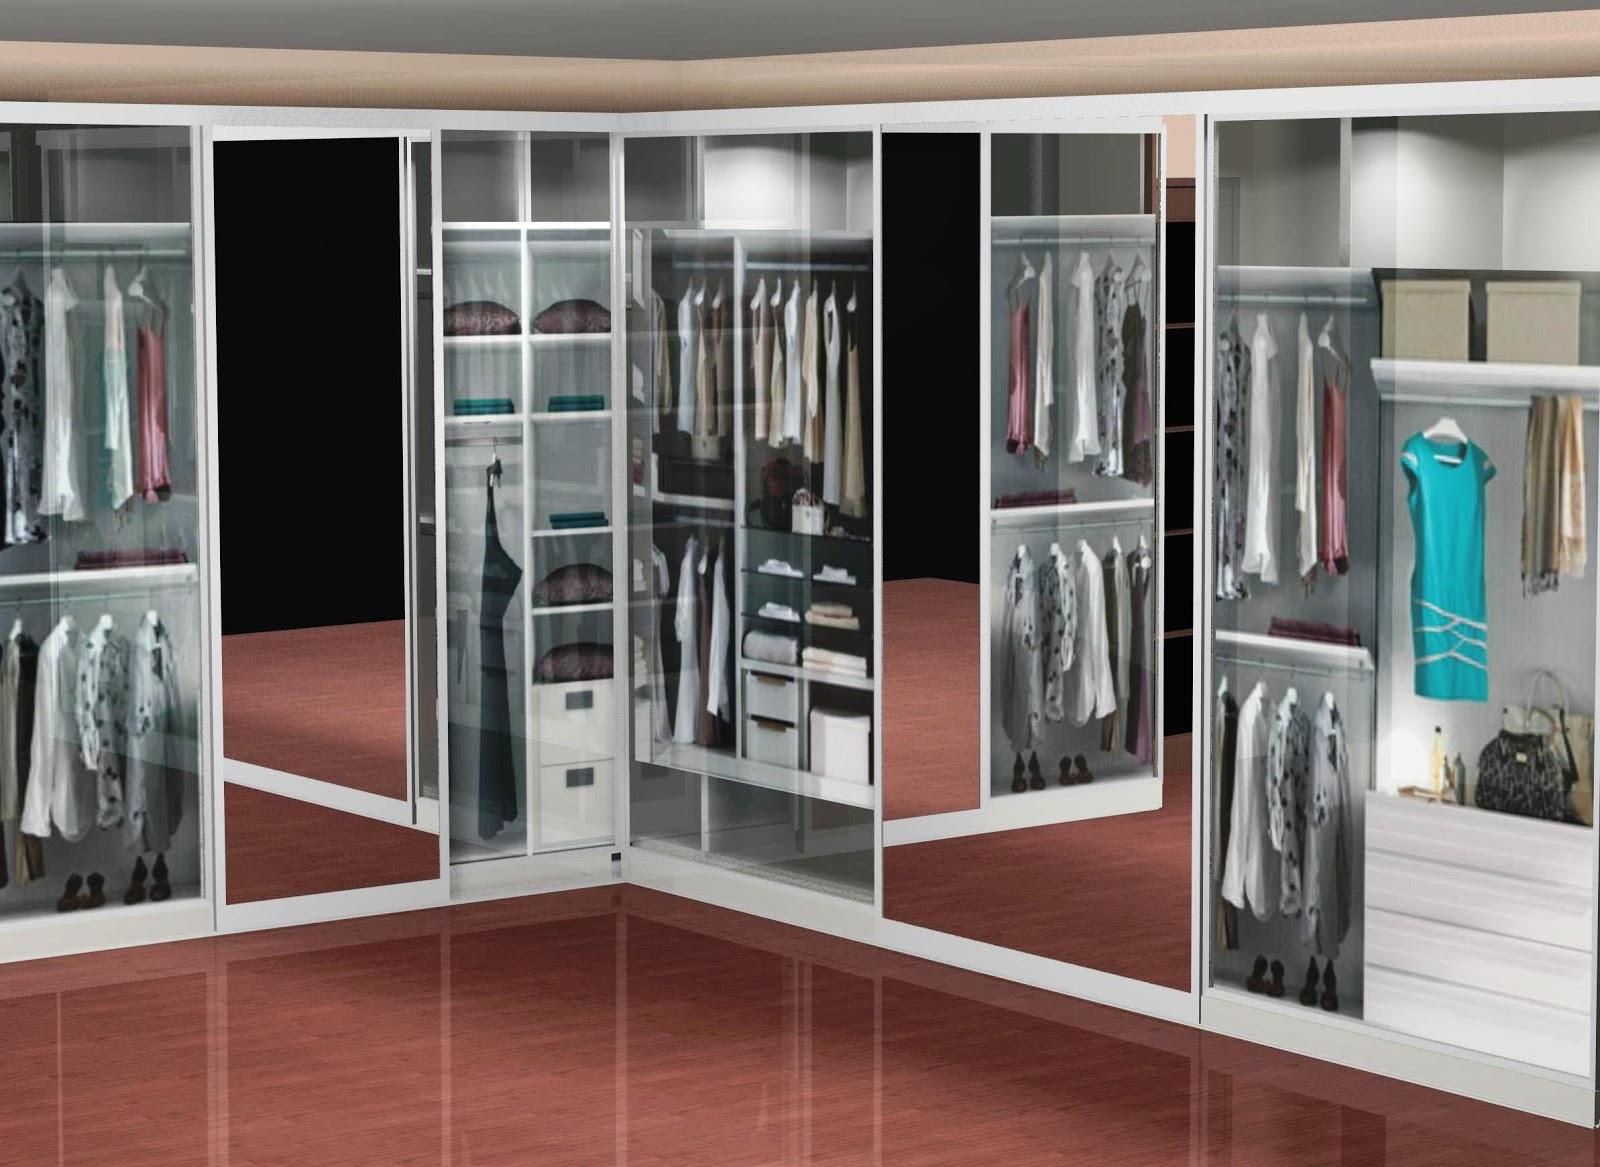 Dise o de vestidor con puertas correderas con espejo central for Espejos de vestidor